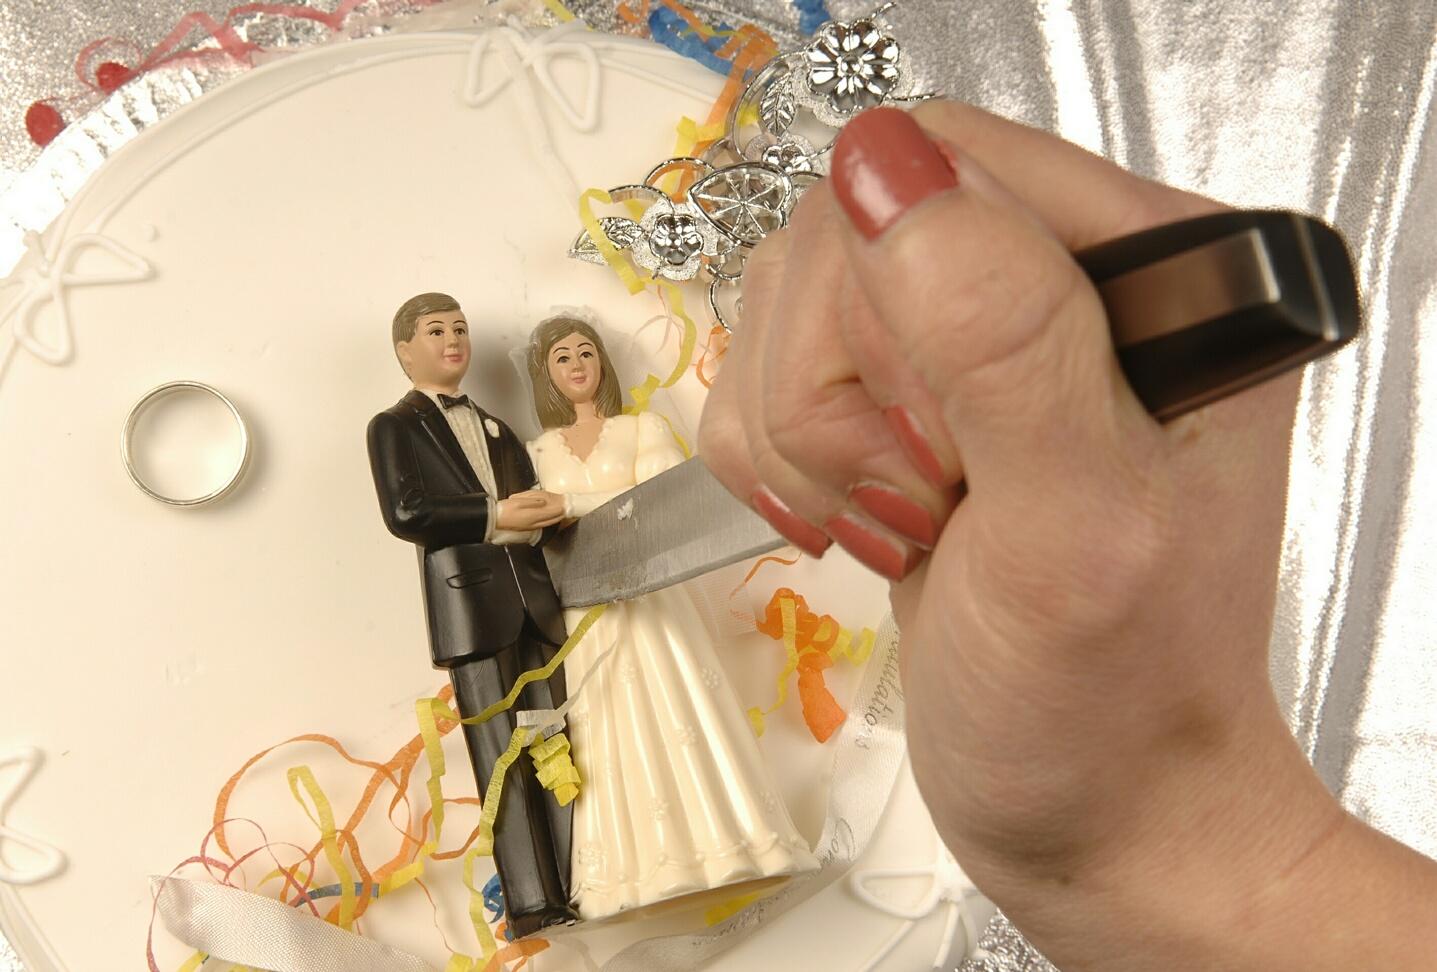 صور صور مضحكه عن الزواج , نكت رائعه عن المتزوجون